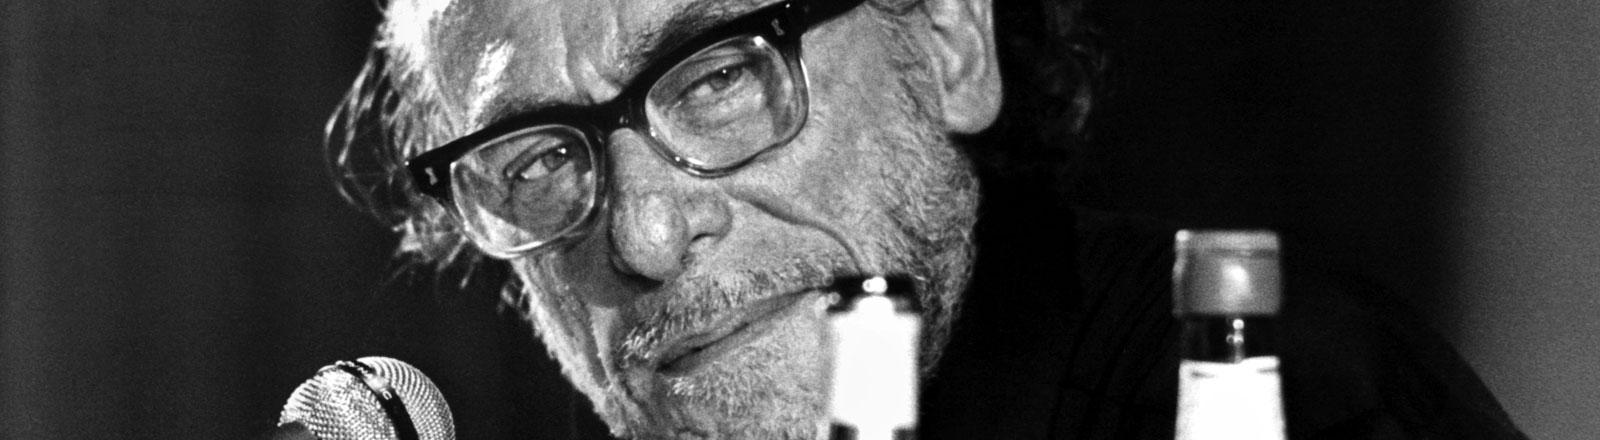 Charles Bukowski 1978 bei einer Lesung in Hamburg.